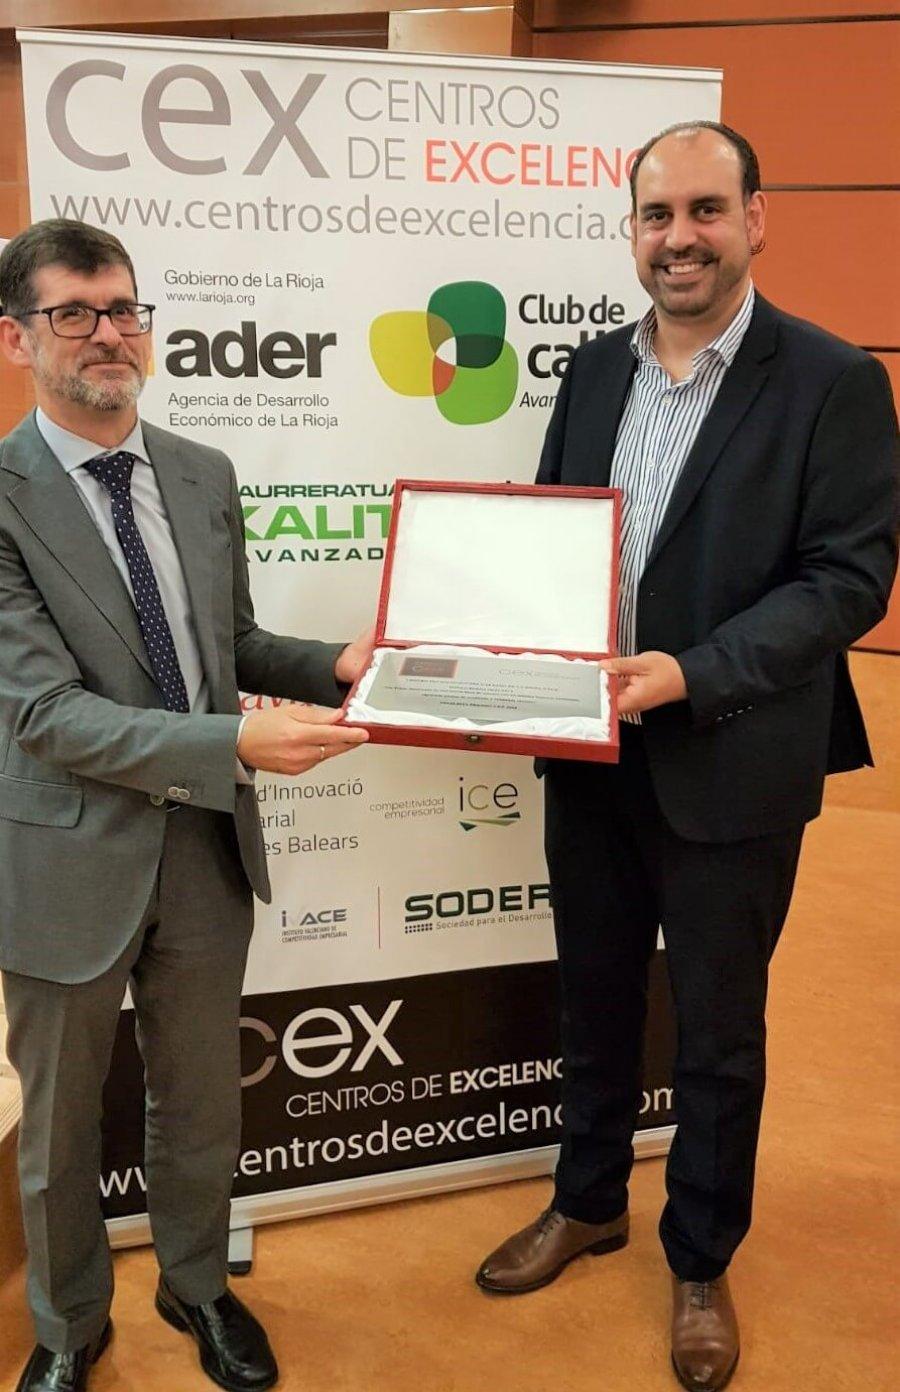 CTCR premio CEX economia circular